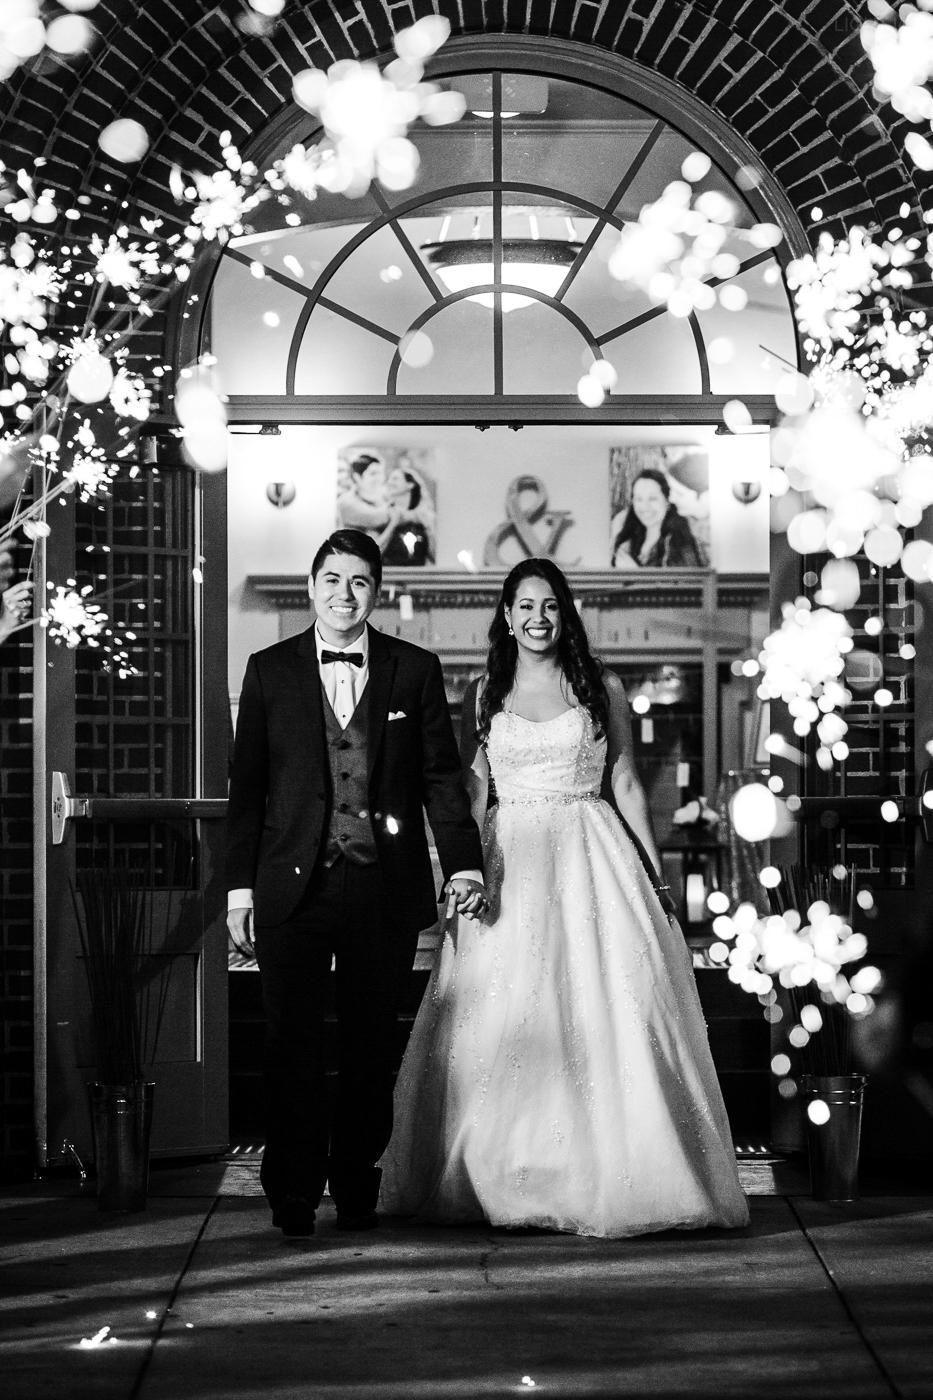 bride and groom at magnolia building wedding-3.jpg